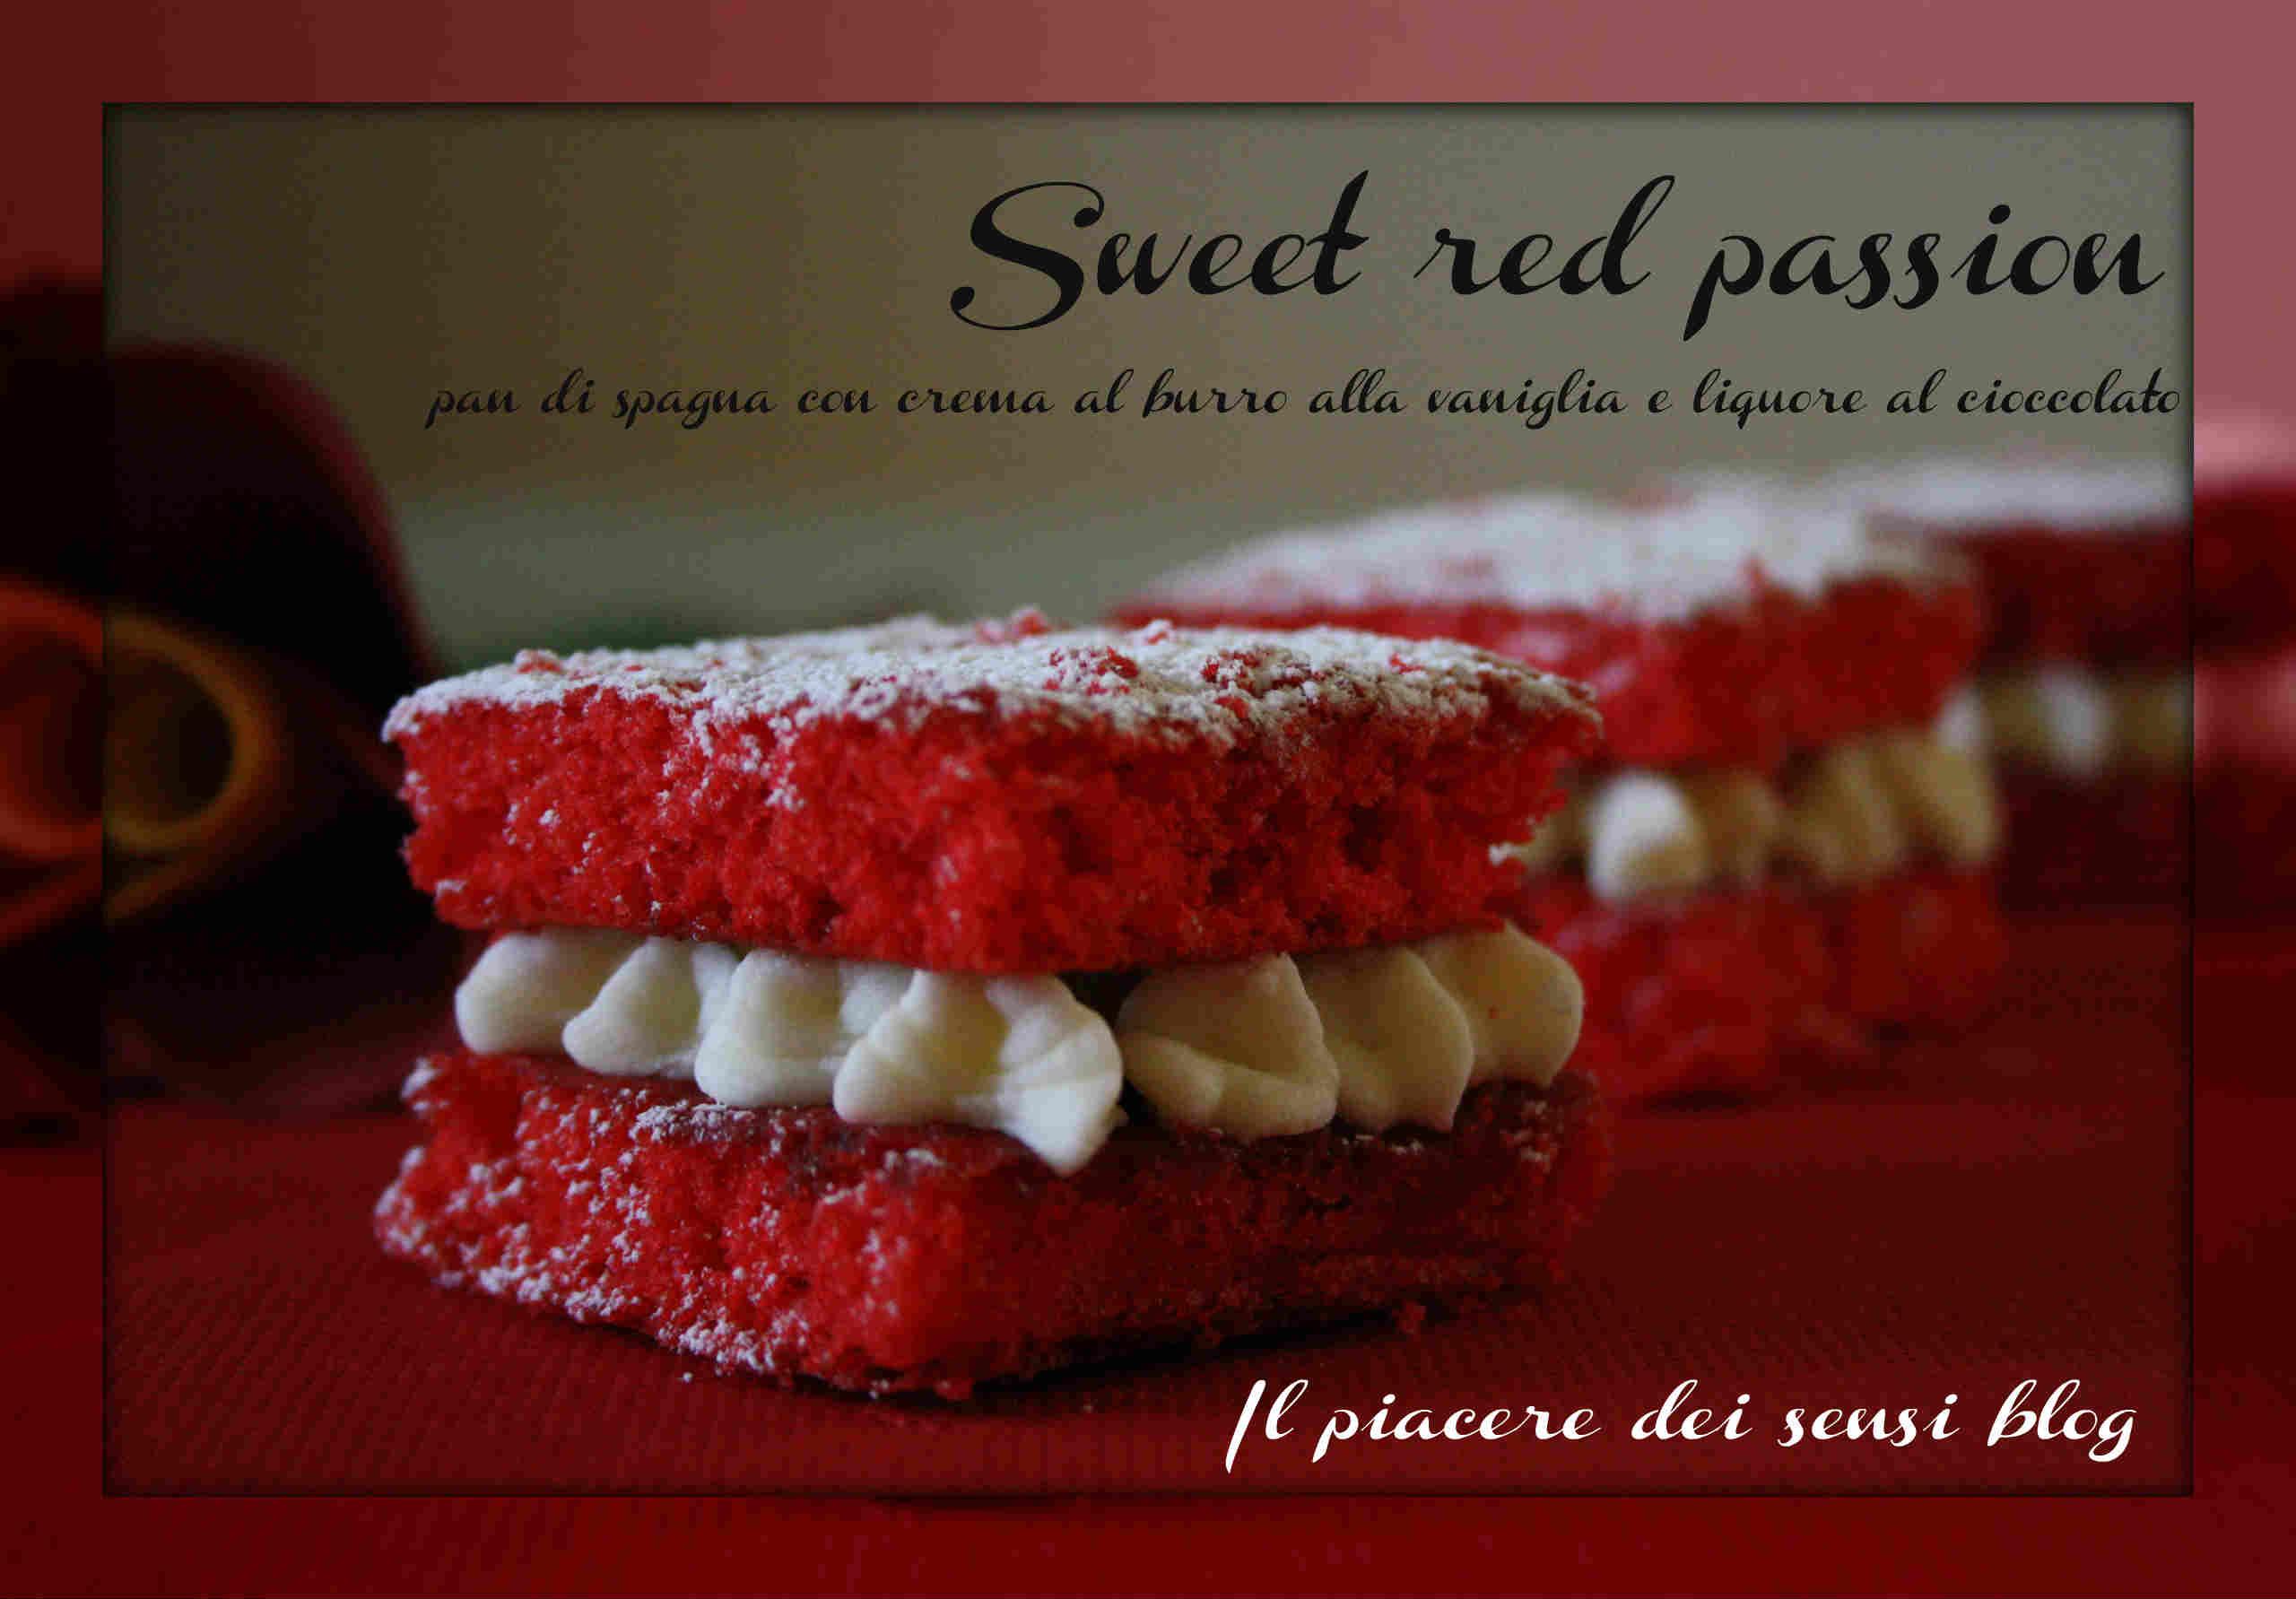 Sweet red passion - pan di spagna con crema al burro alla vaniglia e liquore al cioccolato